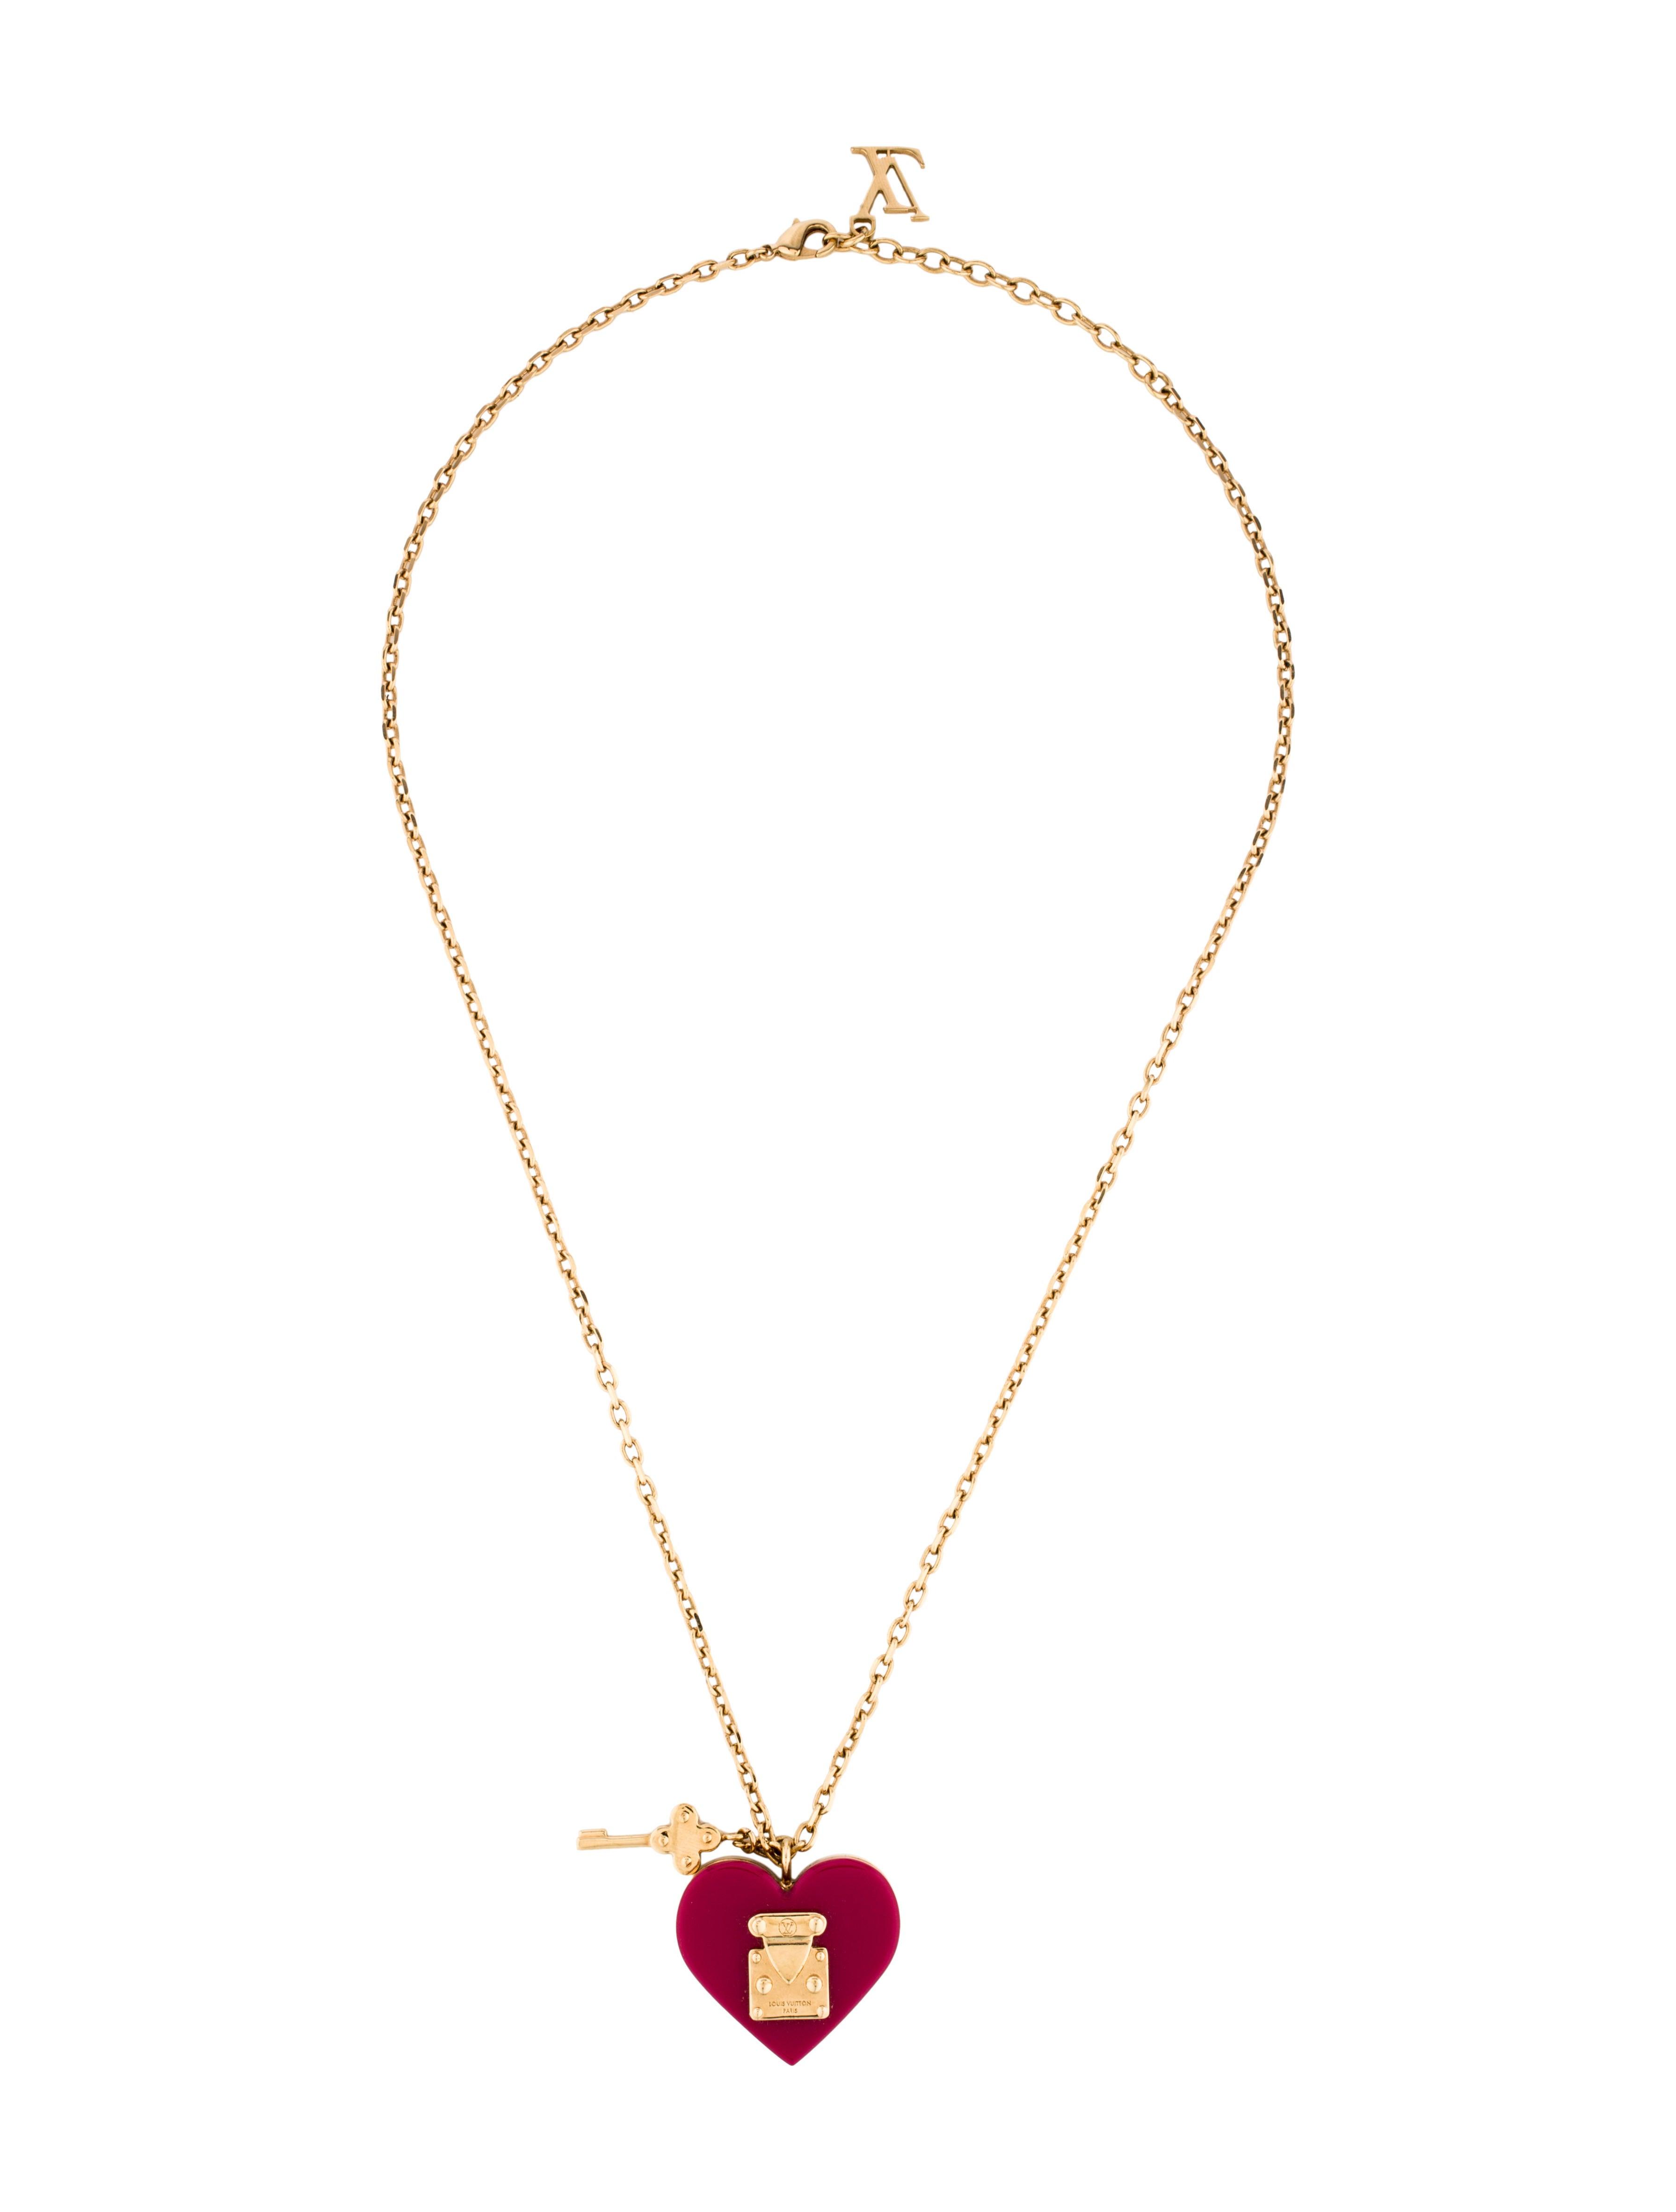 11149a6a2a15 Louis Vuitton Lock Me Pendant Necklace Necklaces Lou94104 The